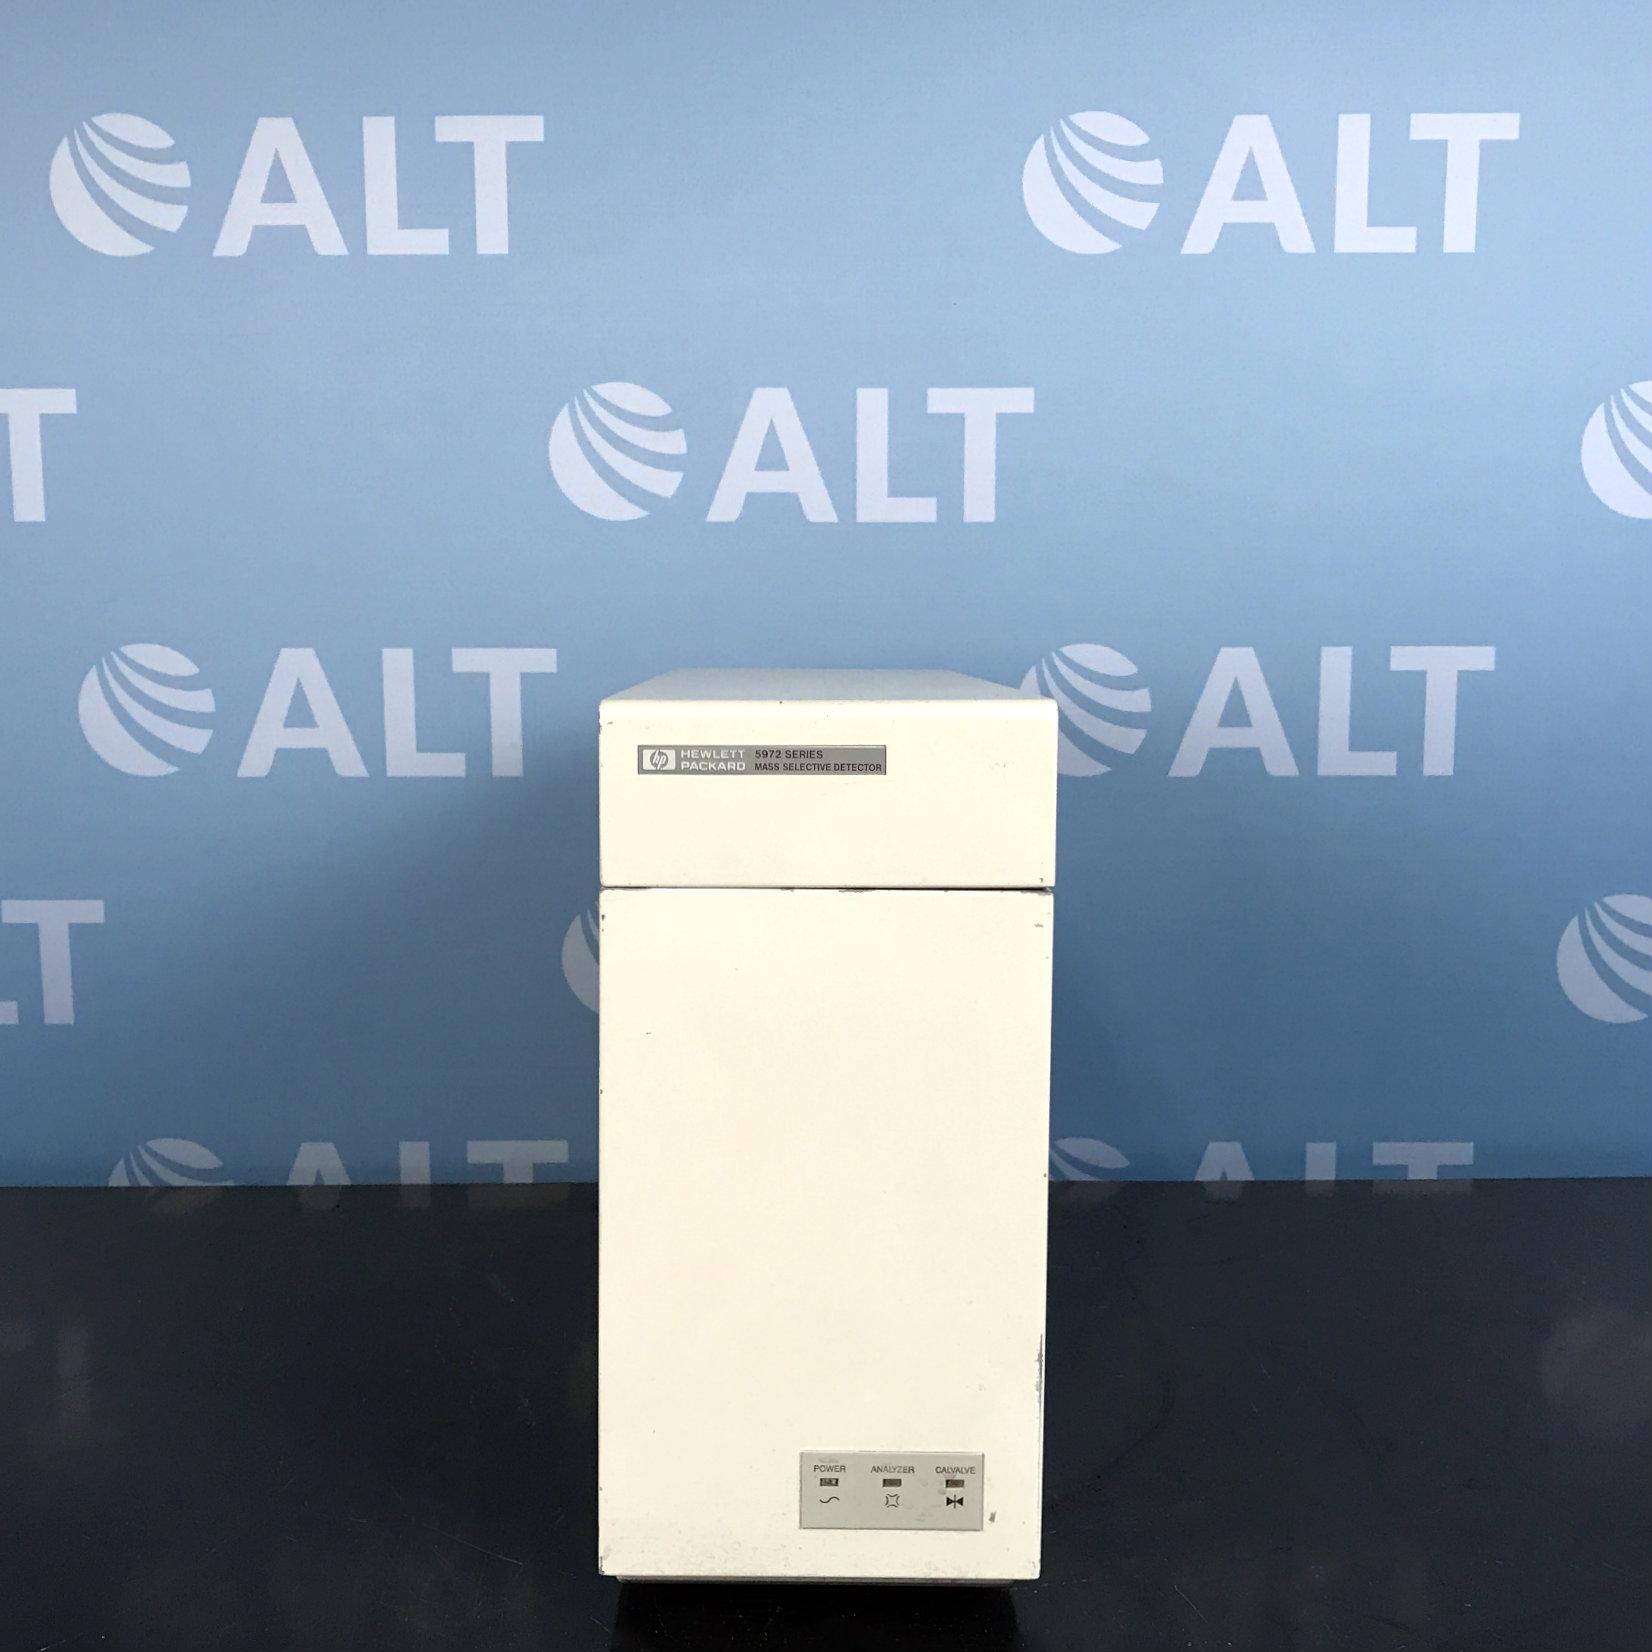 Hewlett Packard 5972 Series Mass Selective Detector Model 5972A Image